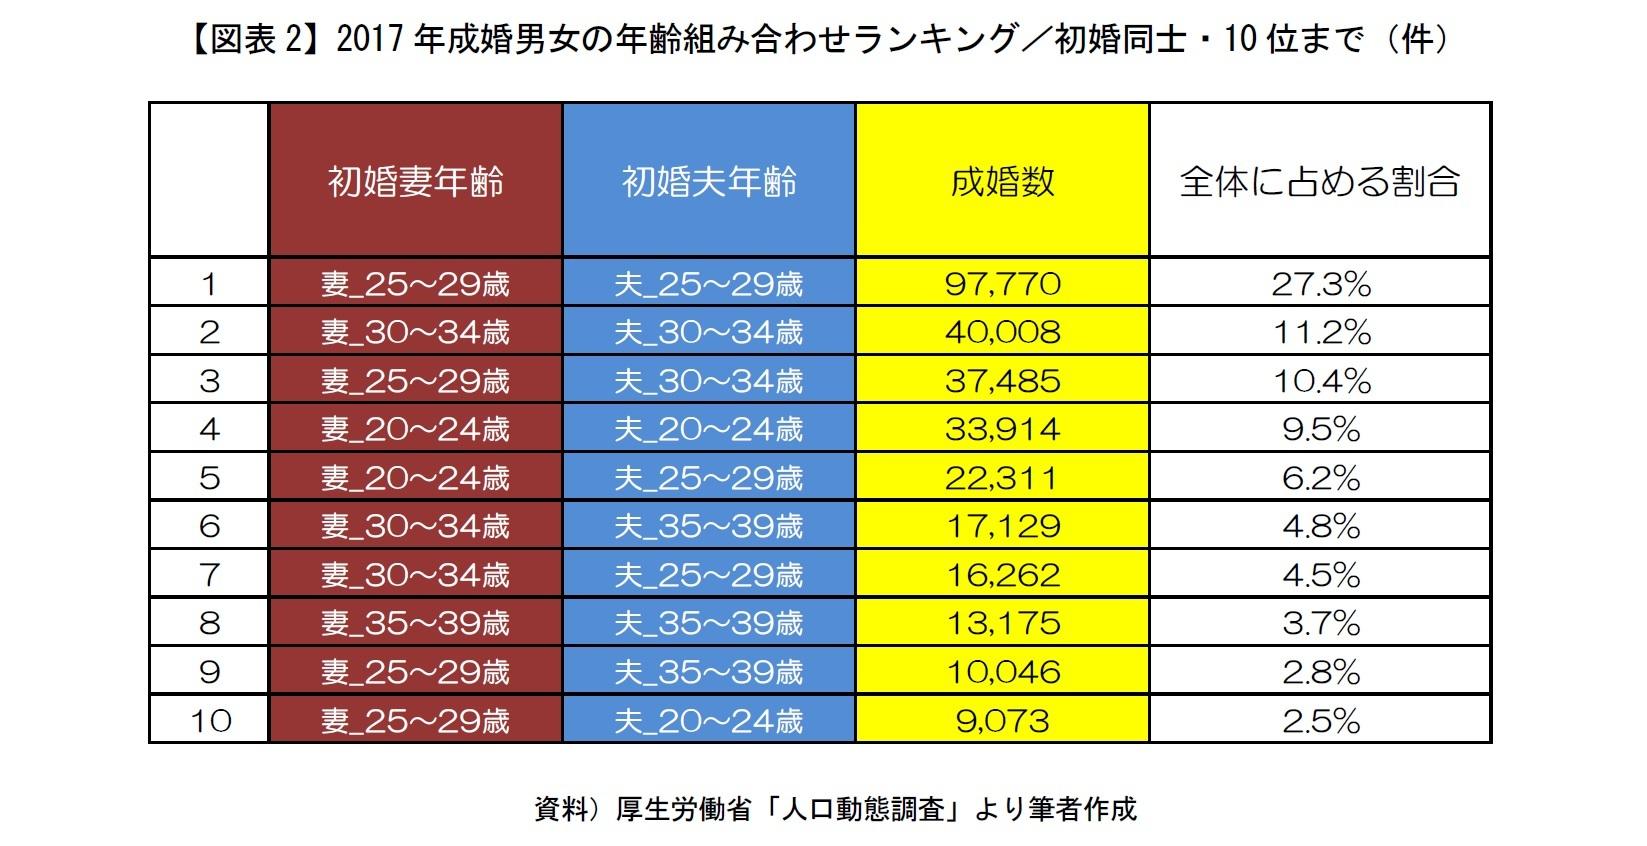 【図表2】2017 年成婚男女の年齢組み合わせランキング/初婚同士・10 位まで(件)